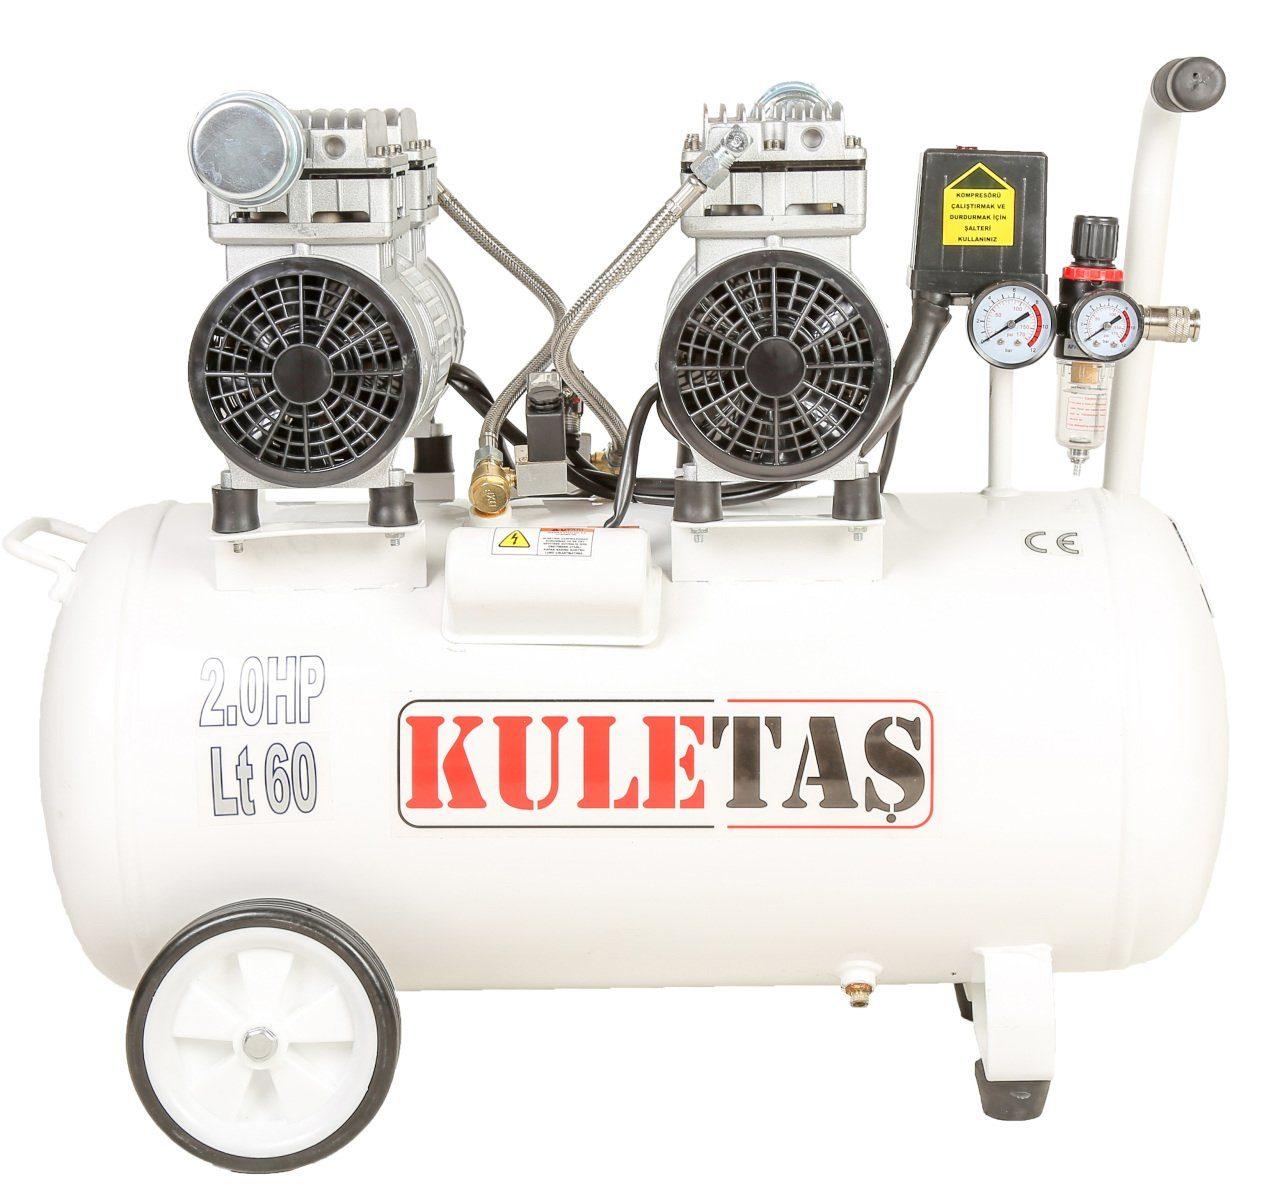 kuletas-60-litre-sessiz-kompresor-1